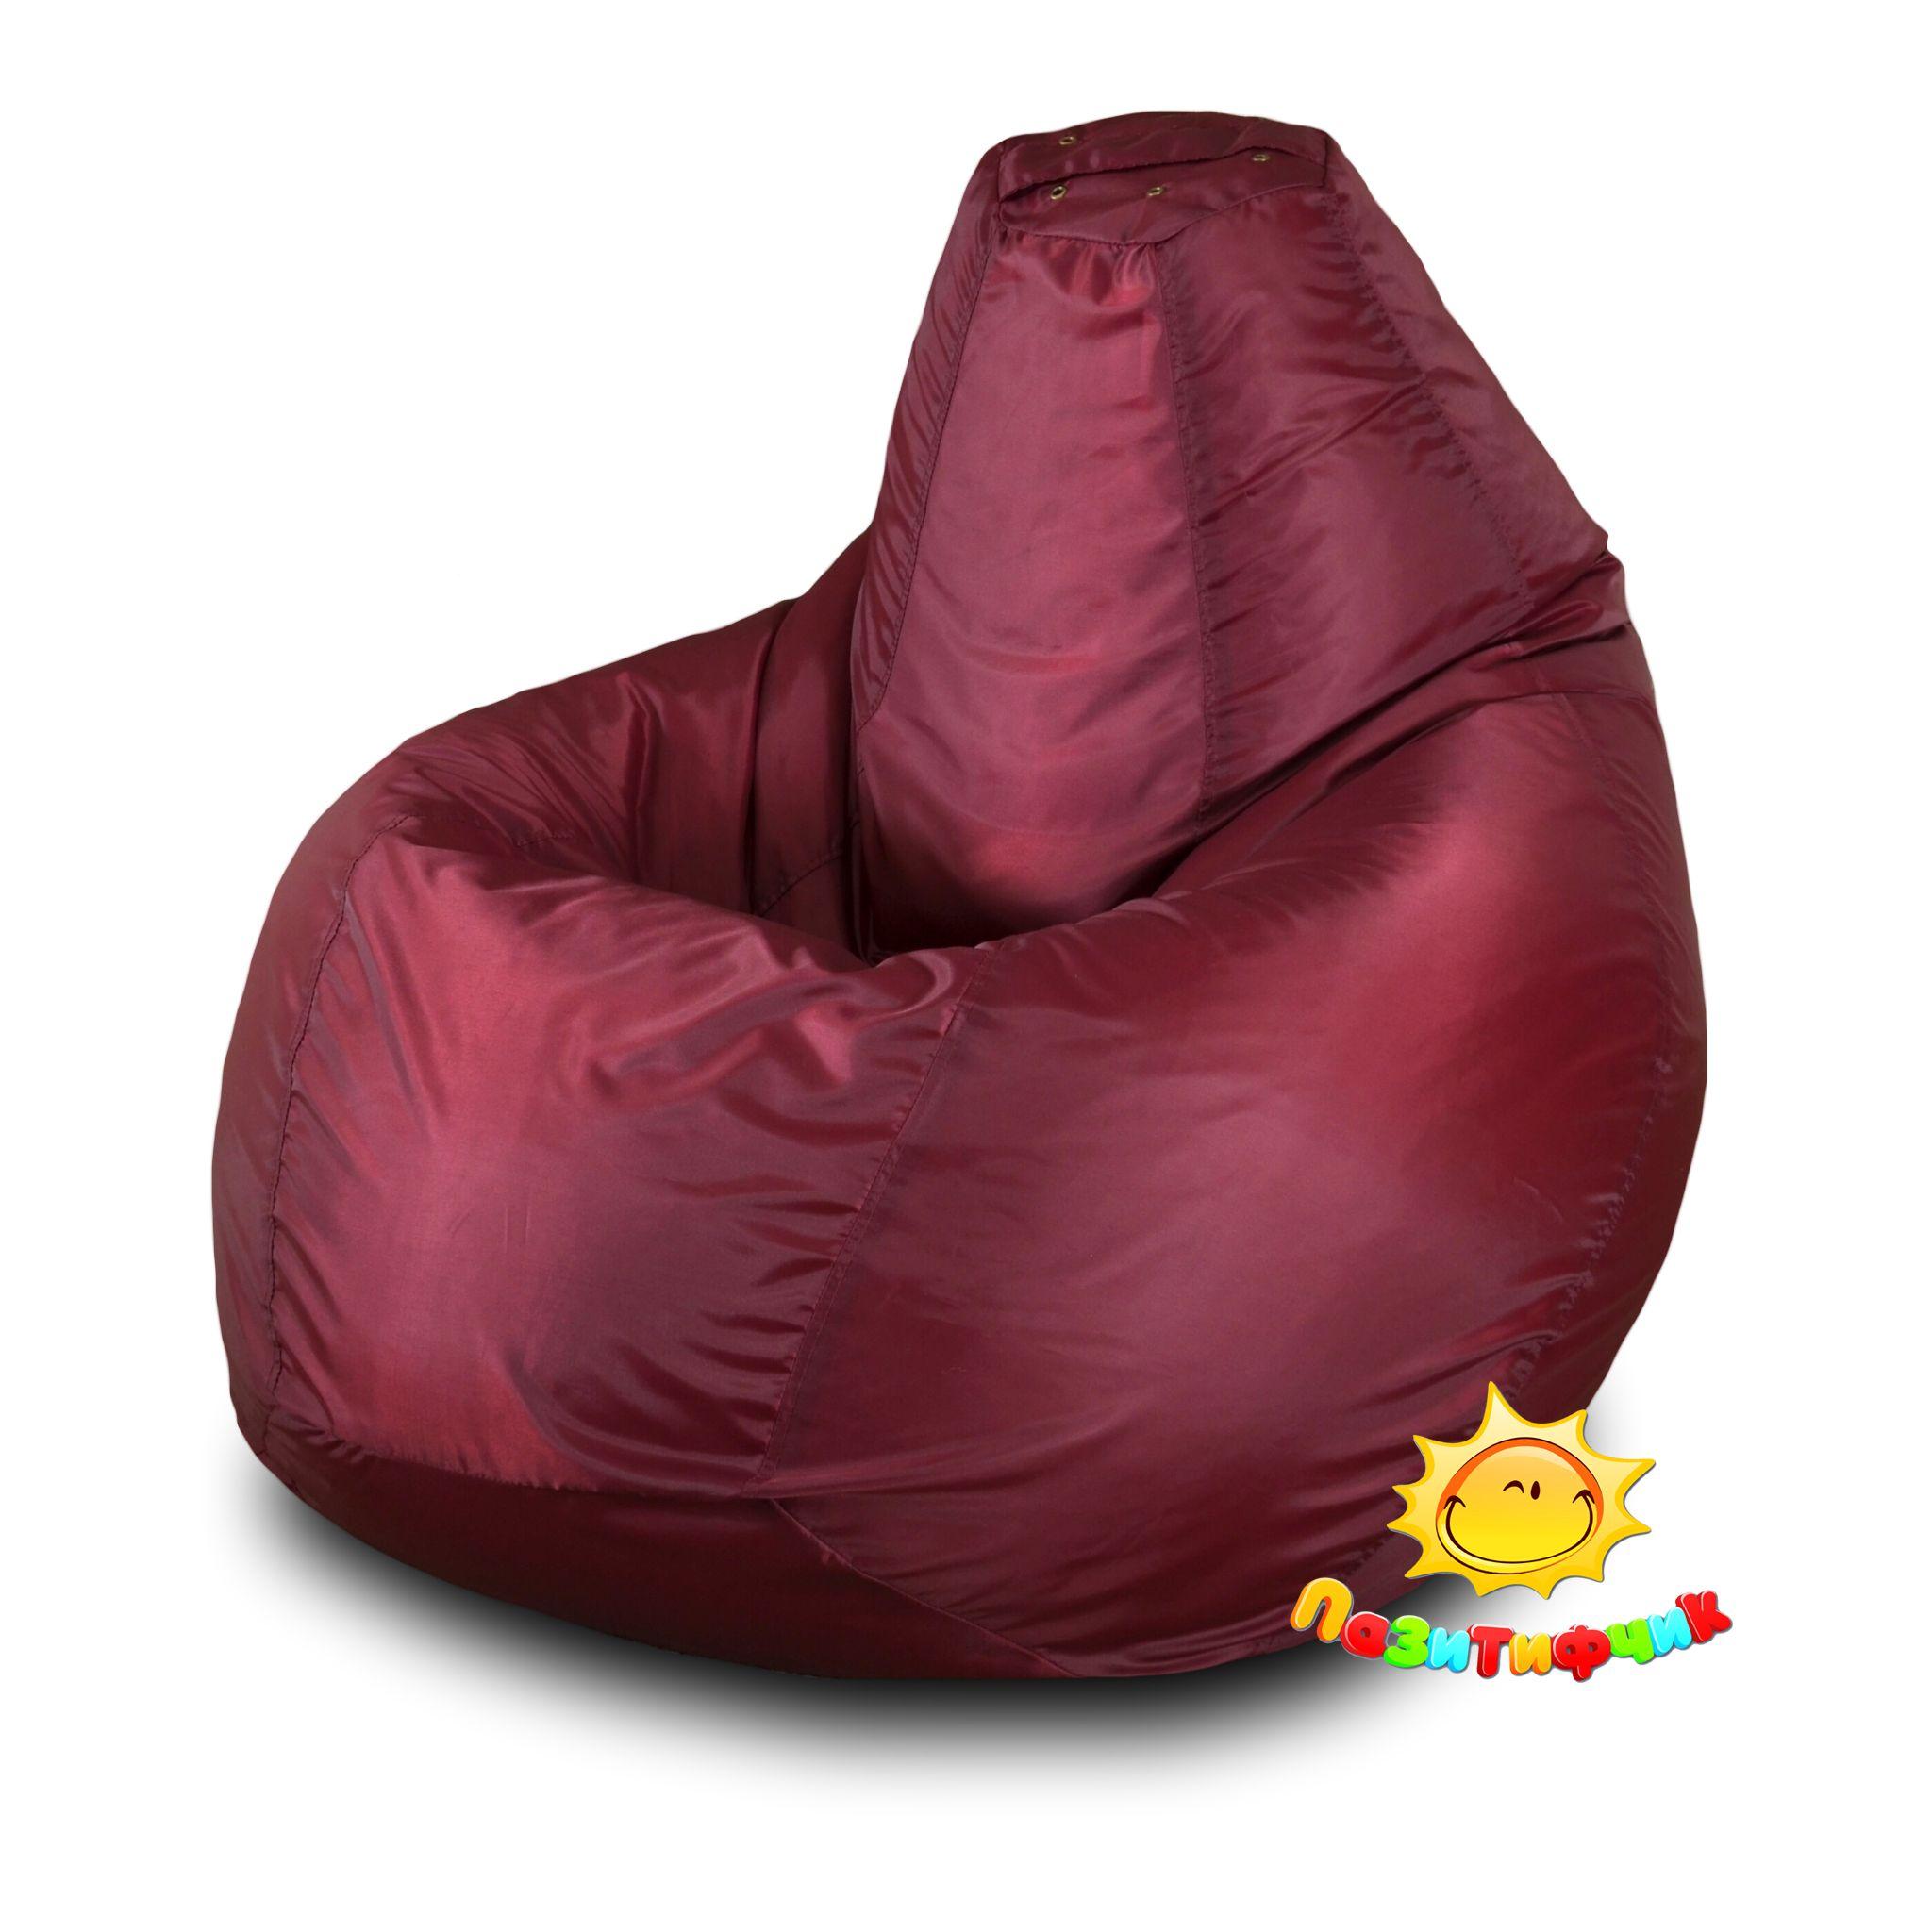 Кресло-мешок Pazitif Груша Пазитифчик Оксфорд, размер XL, оксфорд, бордовый фото